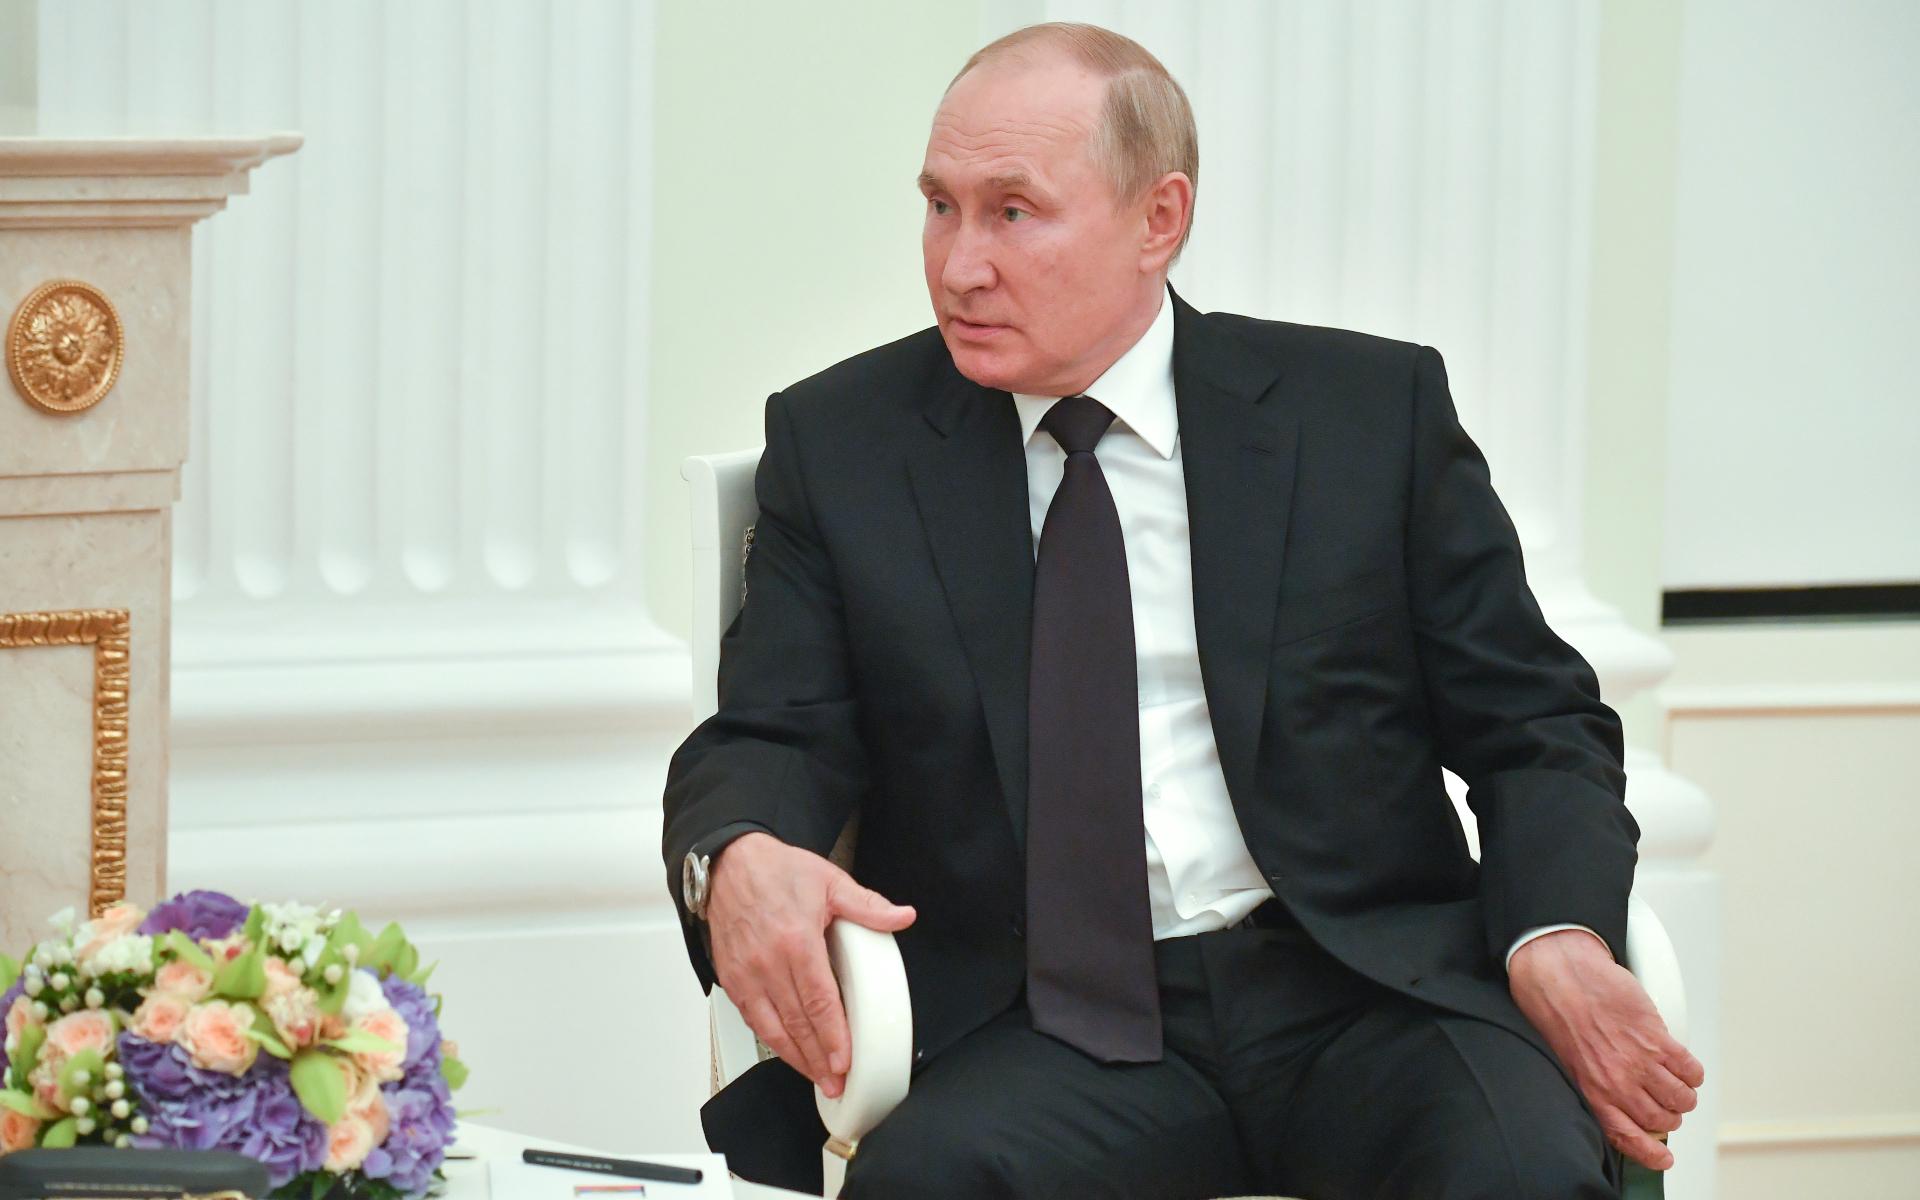 Фото: Михаил Воскресенский/POOL/ТАСС